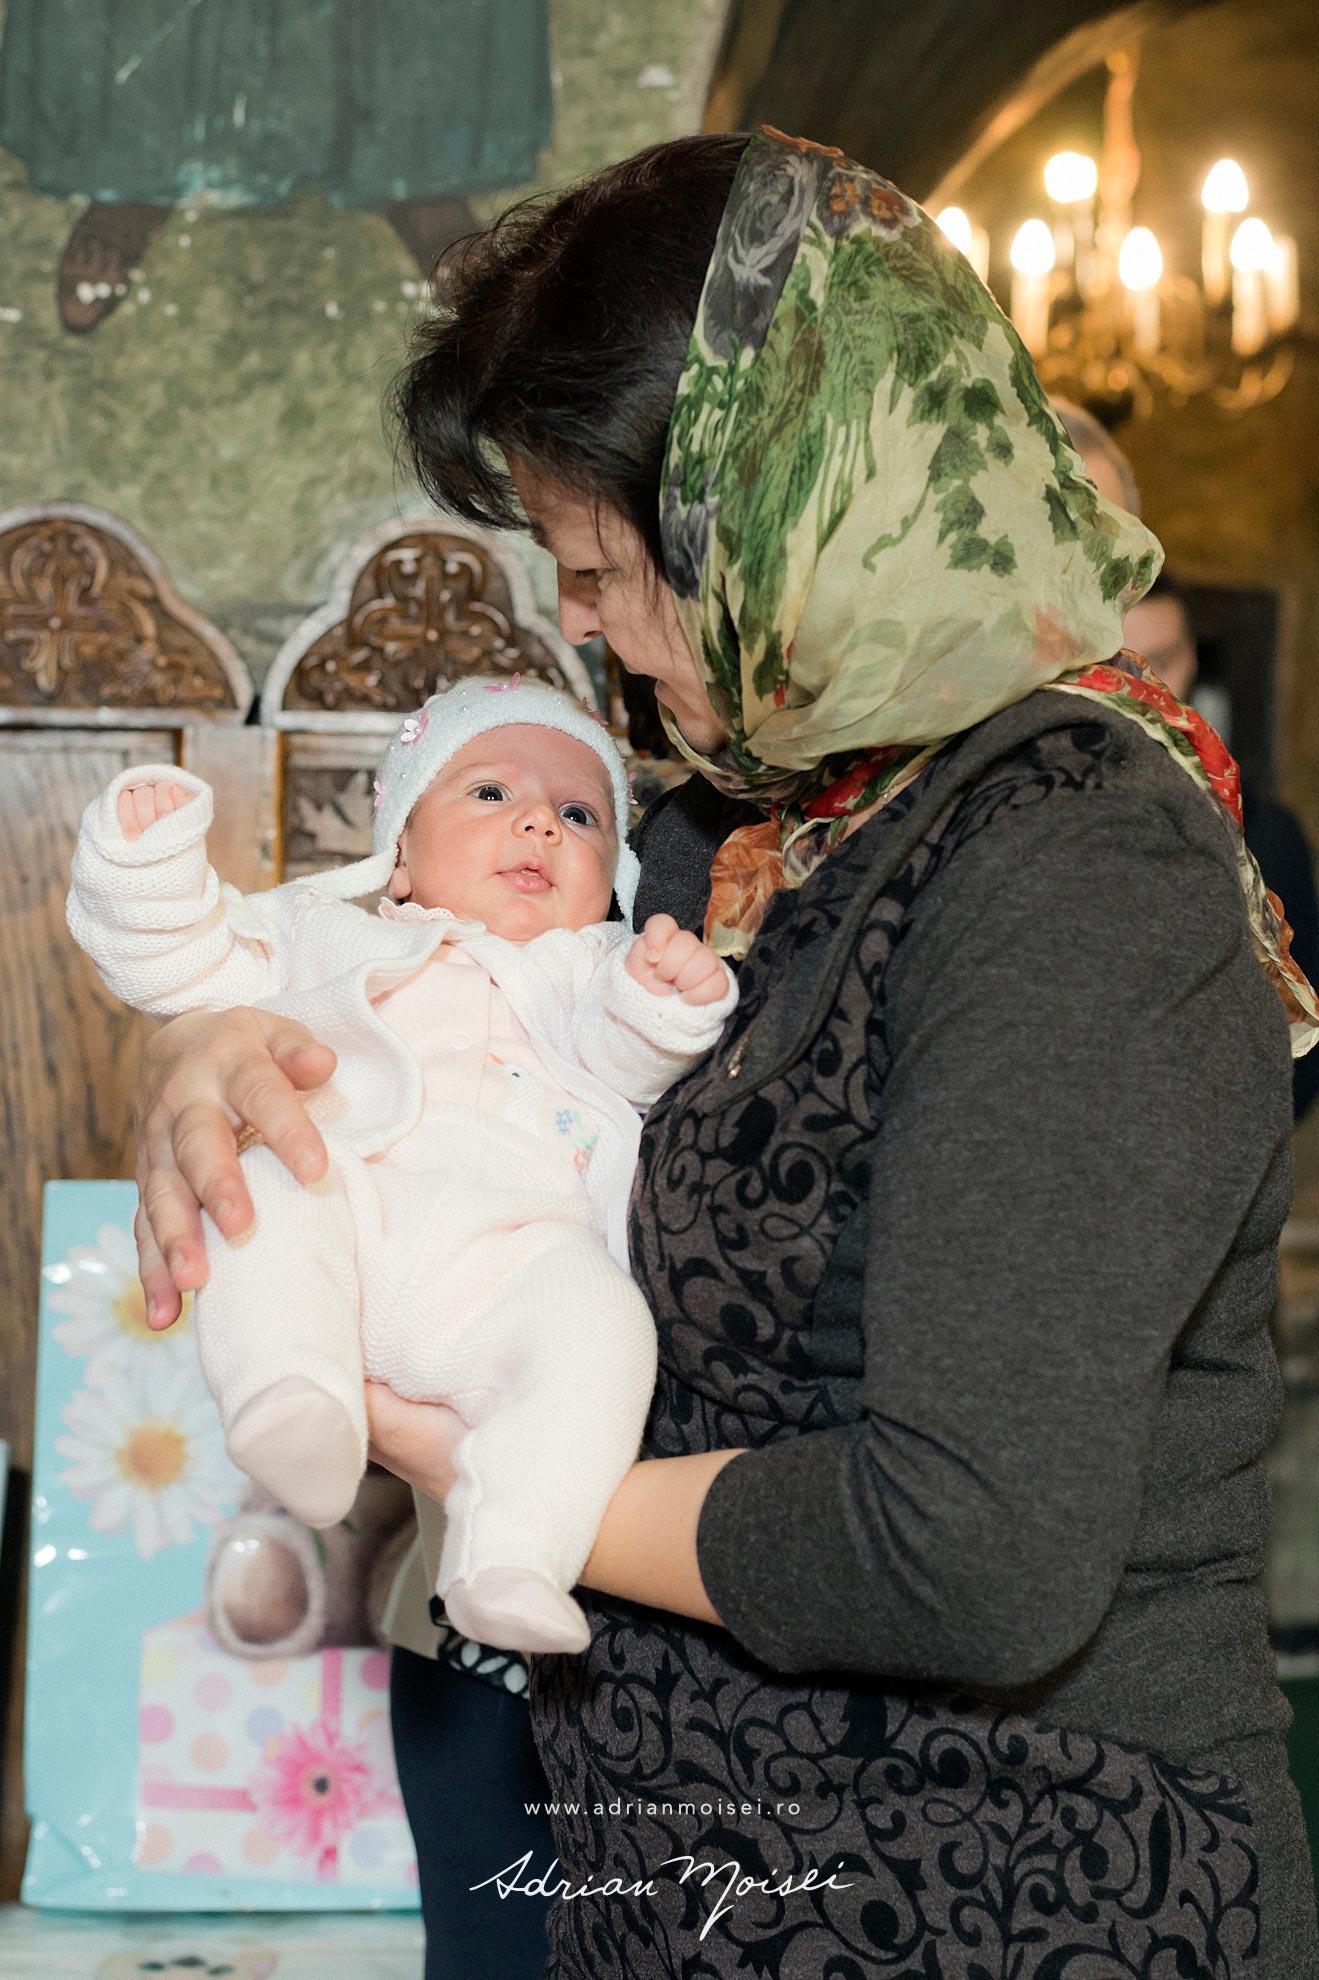 Botez in culorile fericirii, in Iași la biserica Sfântul Ioan Zlataust,  Adrian Moisei